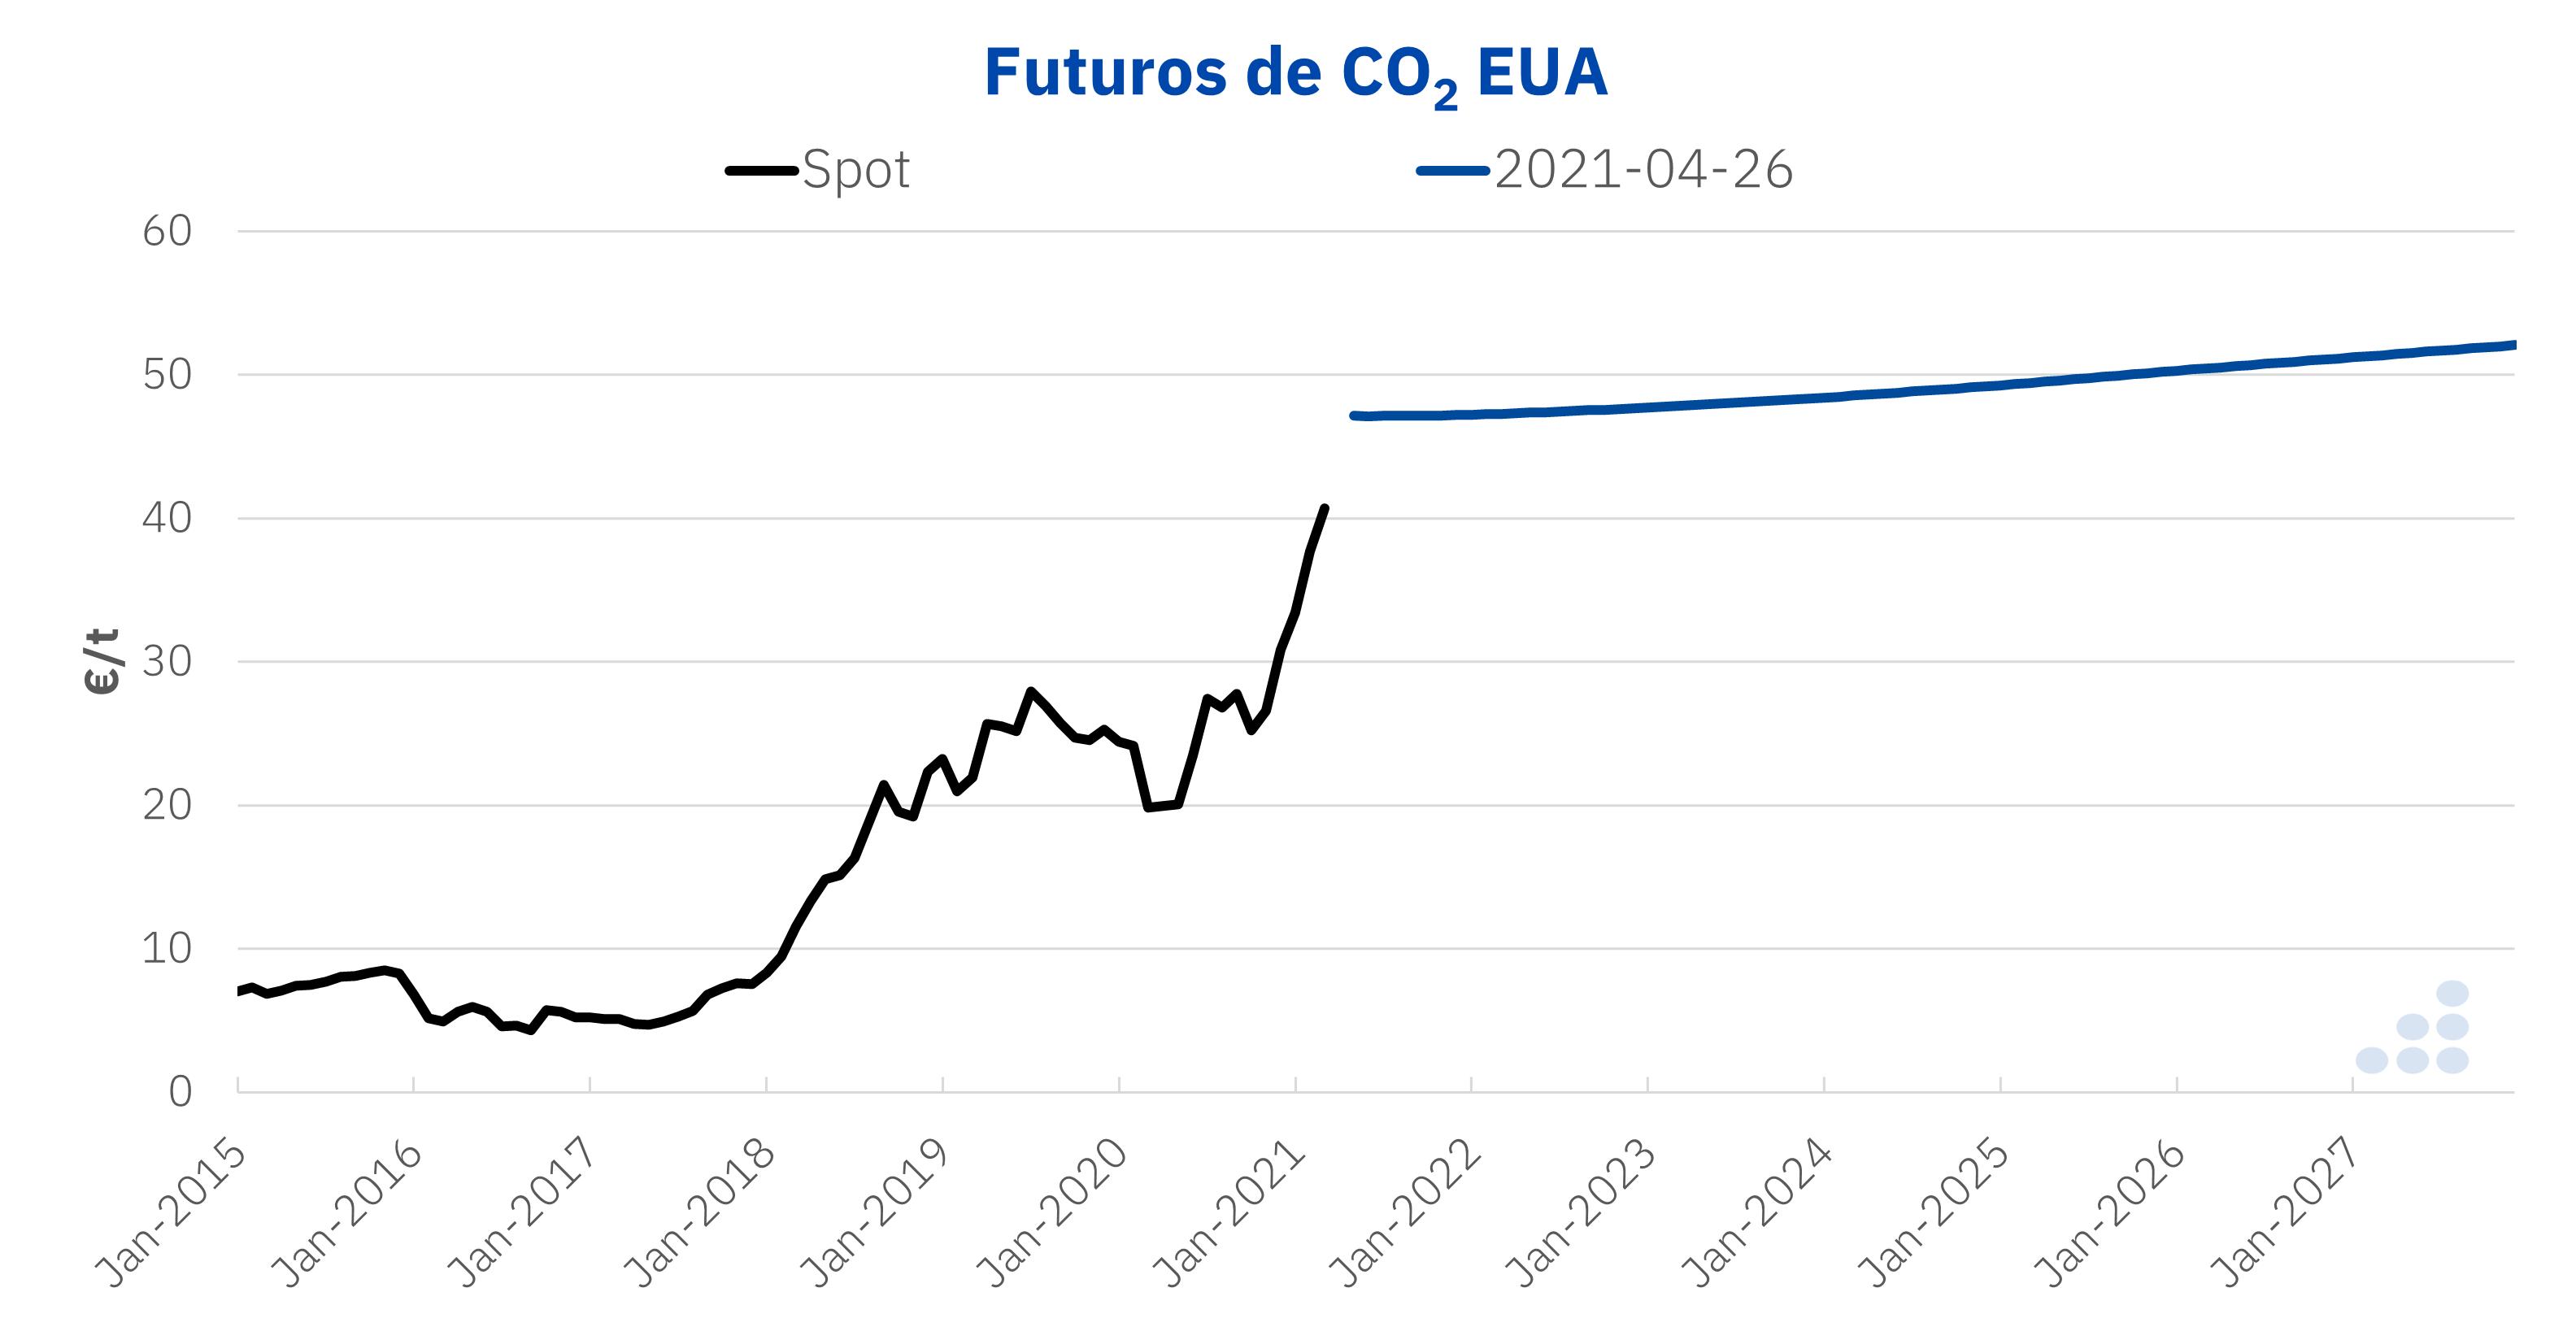 AleaSoft - Futuros CO2 EUA